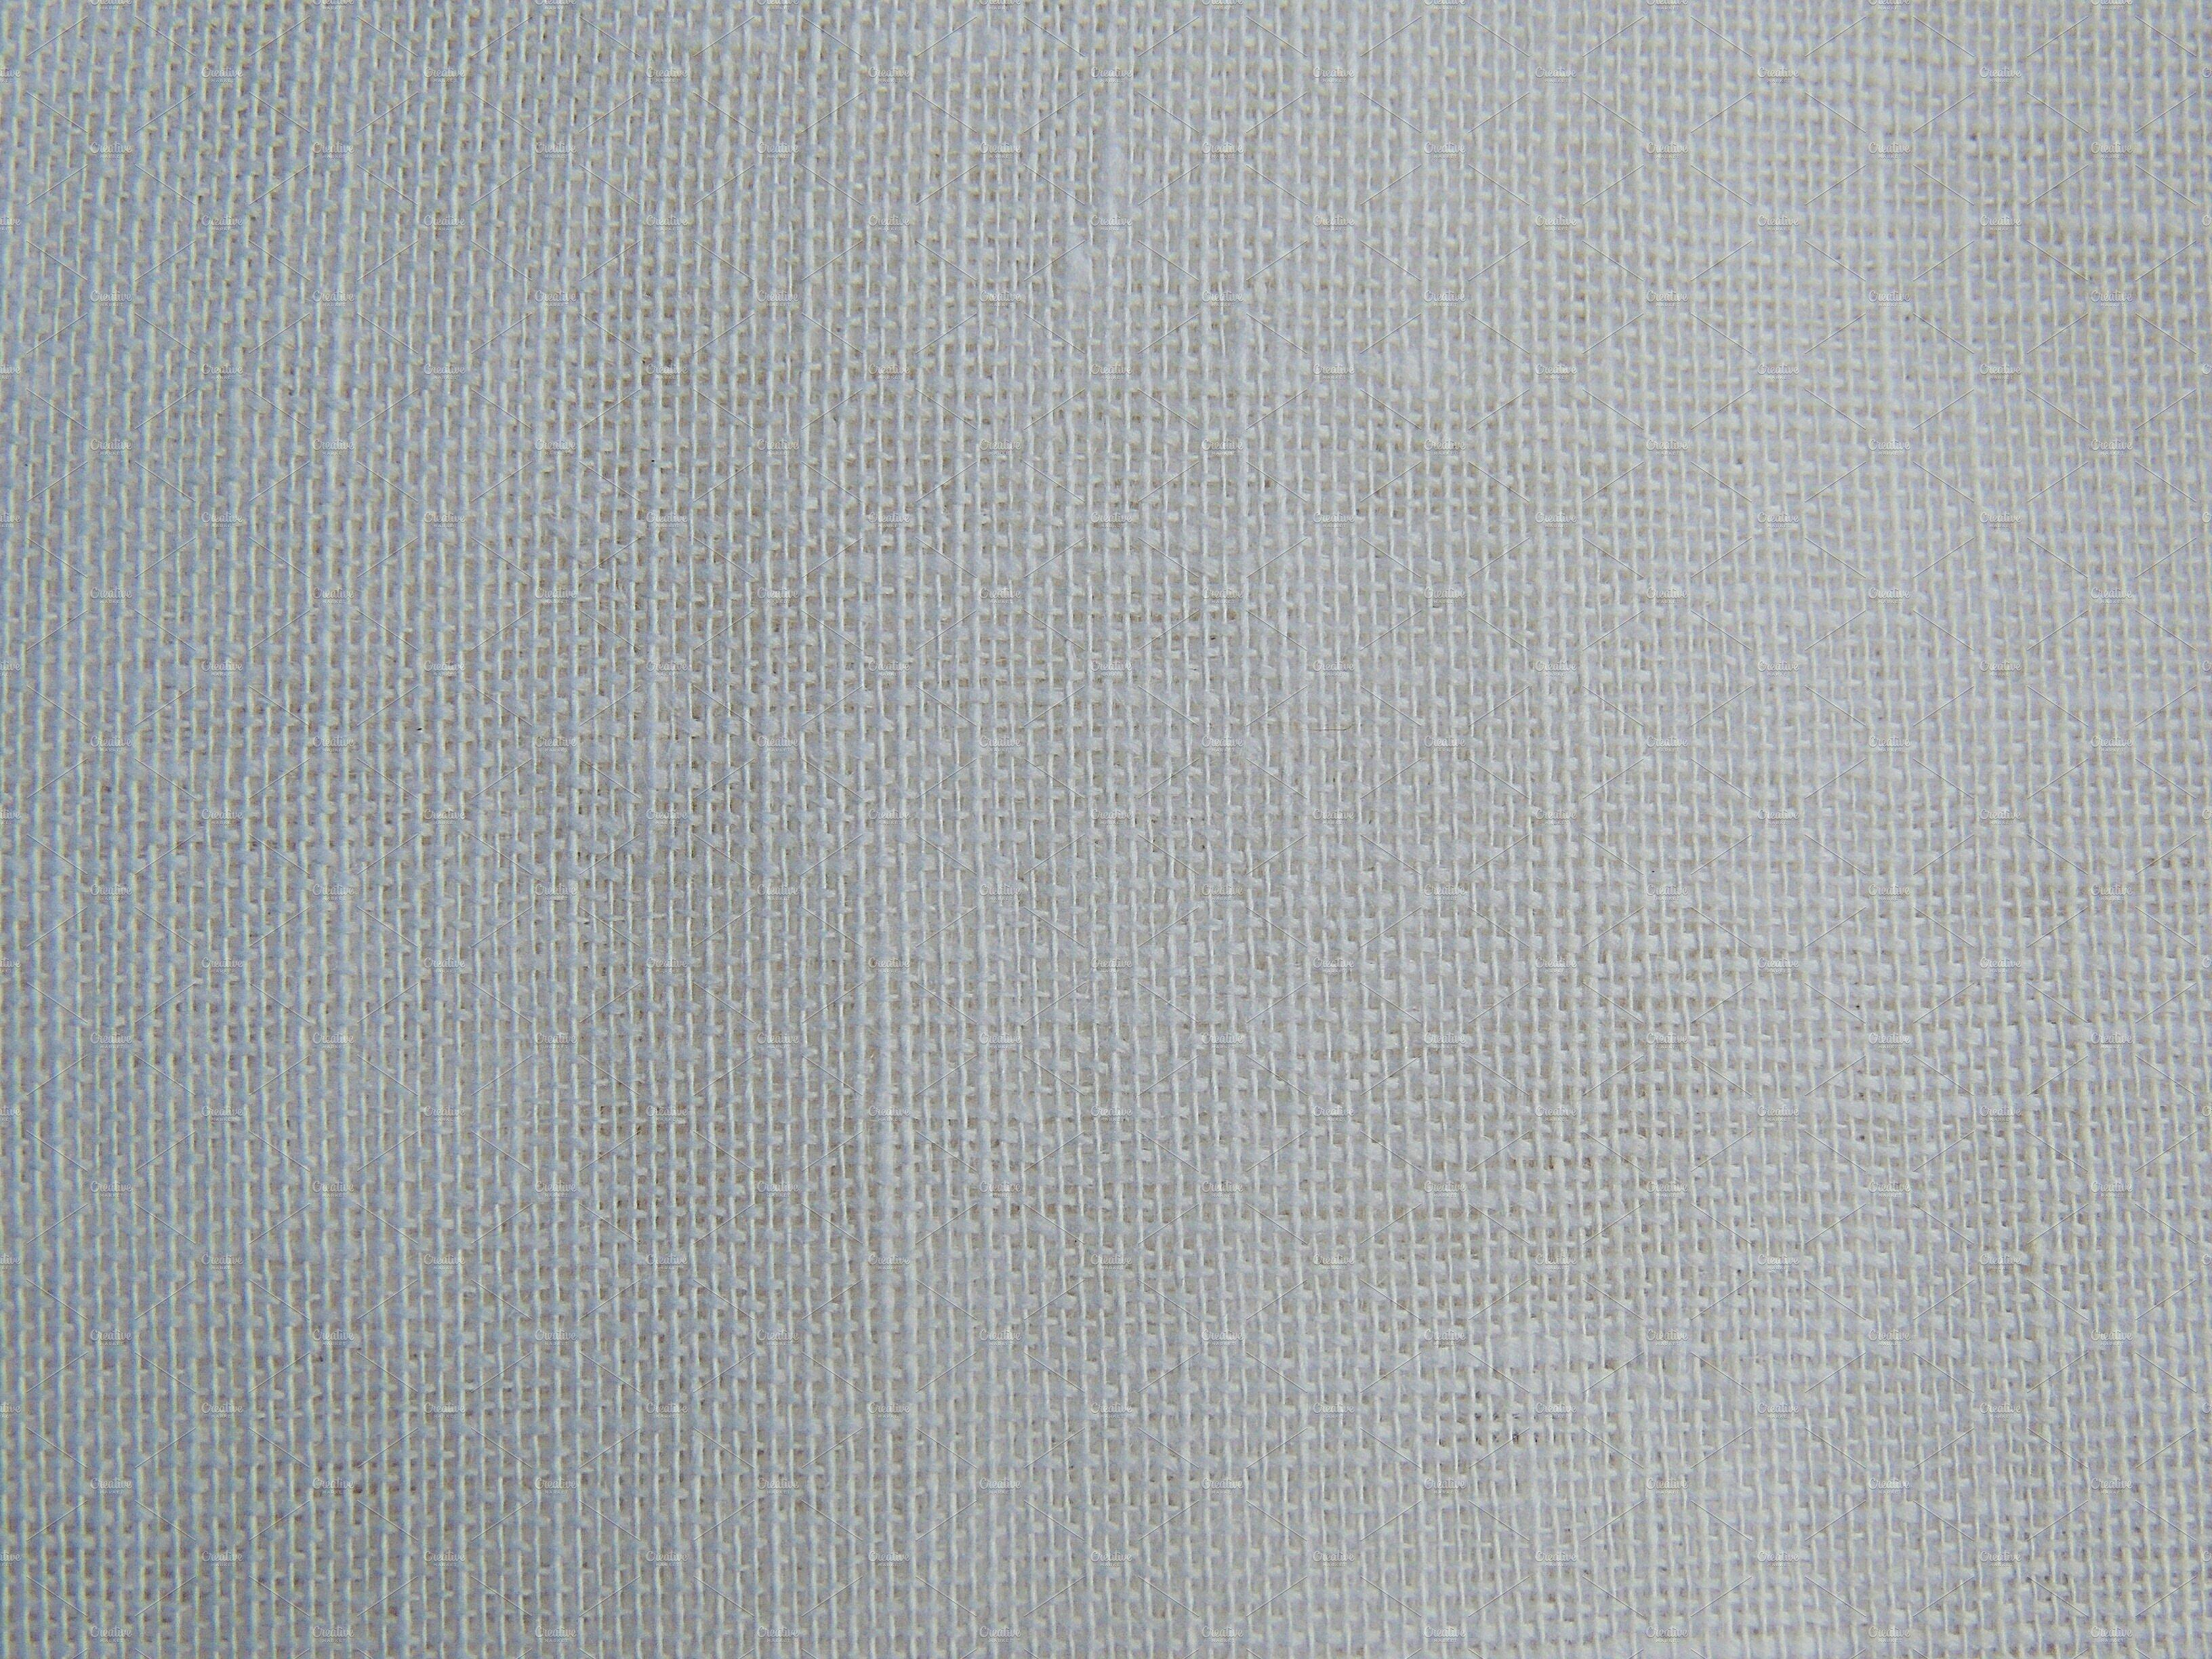 天然亚麻织物束高清图片插图(4)